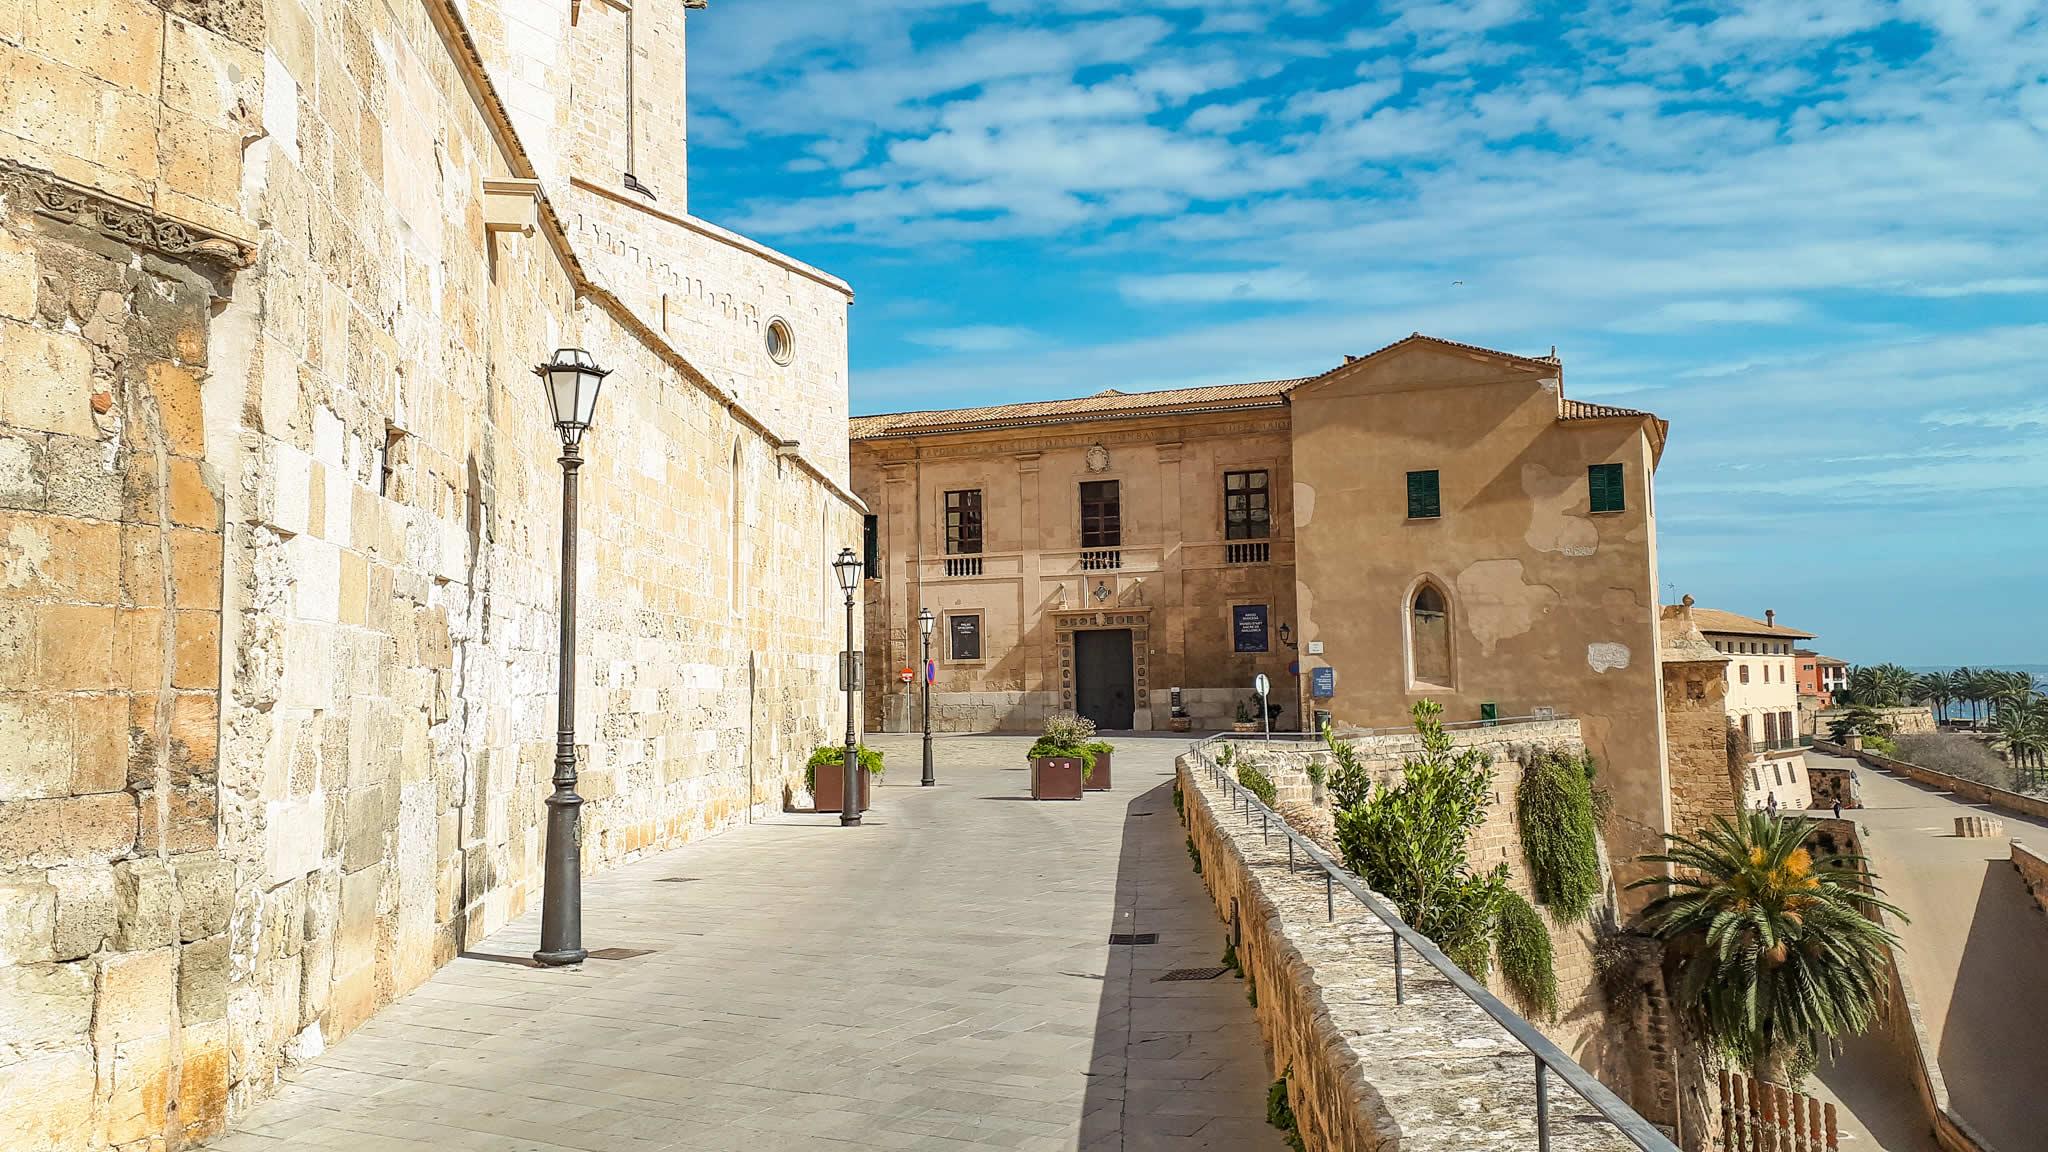 Palma de Mallorca, Spanje | Mooistestedentrips.nl